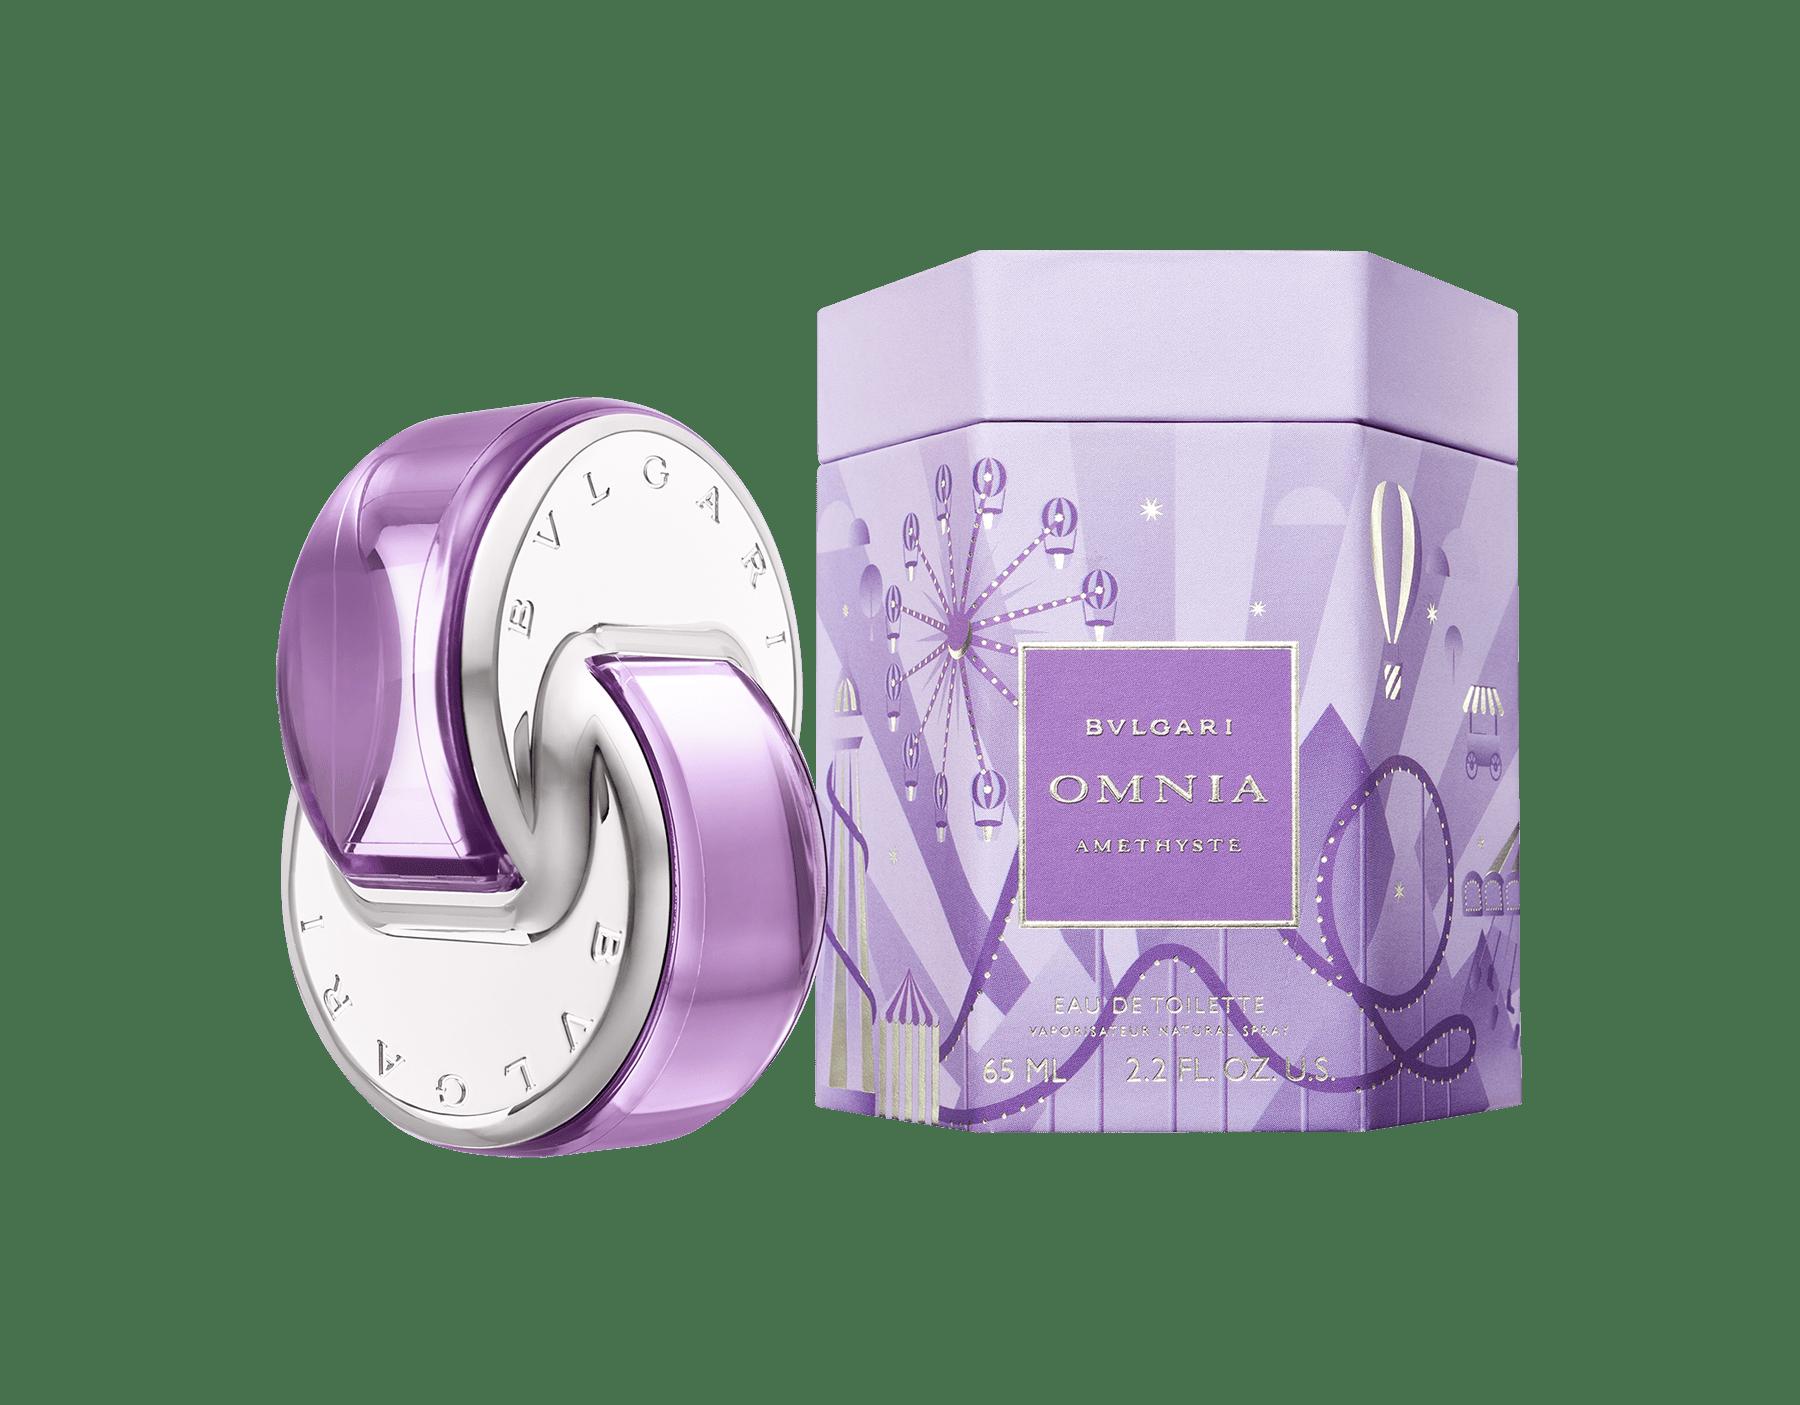 Bvlgari Omnia Amethyste Limited Edition, edt 65ml